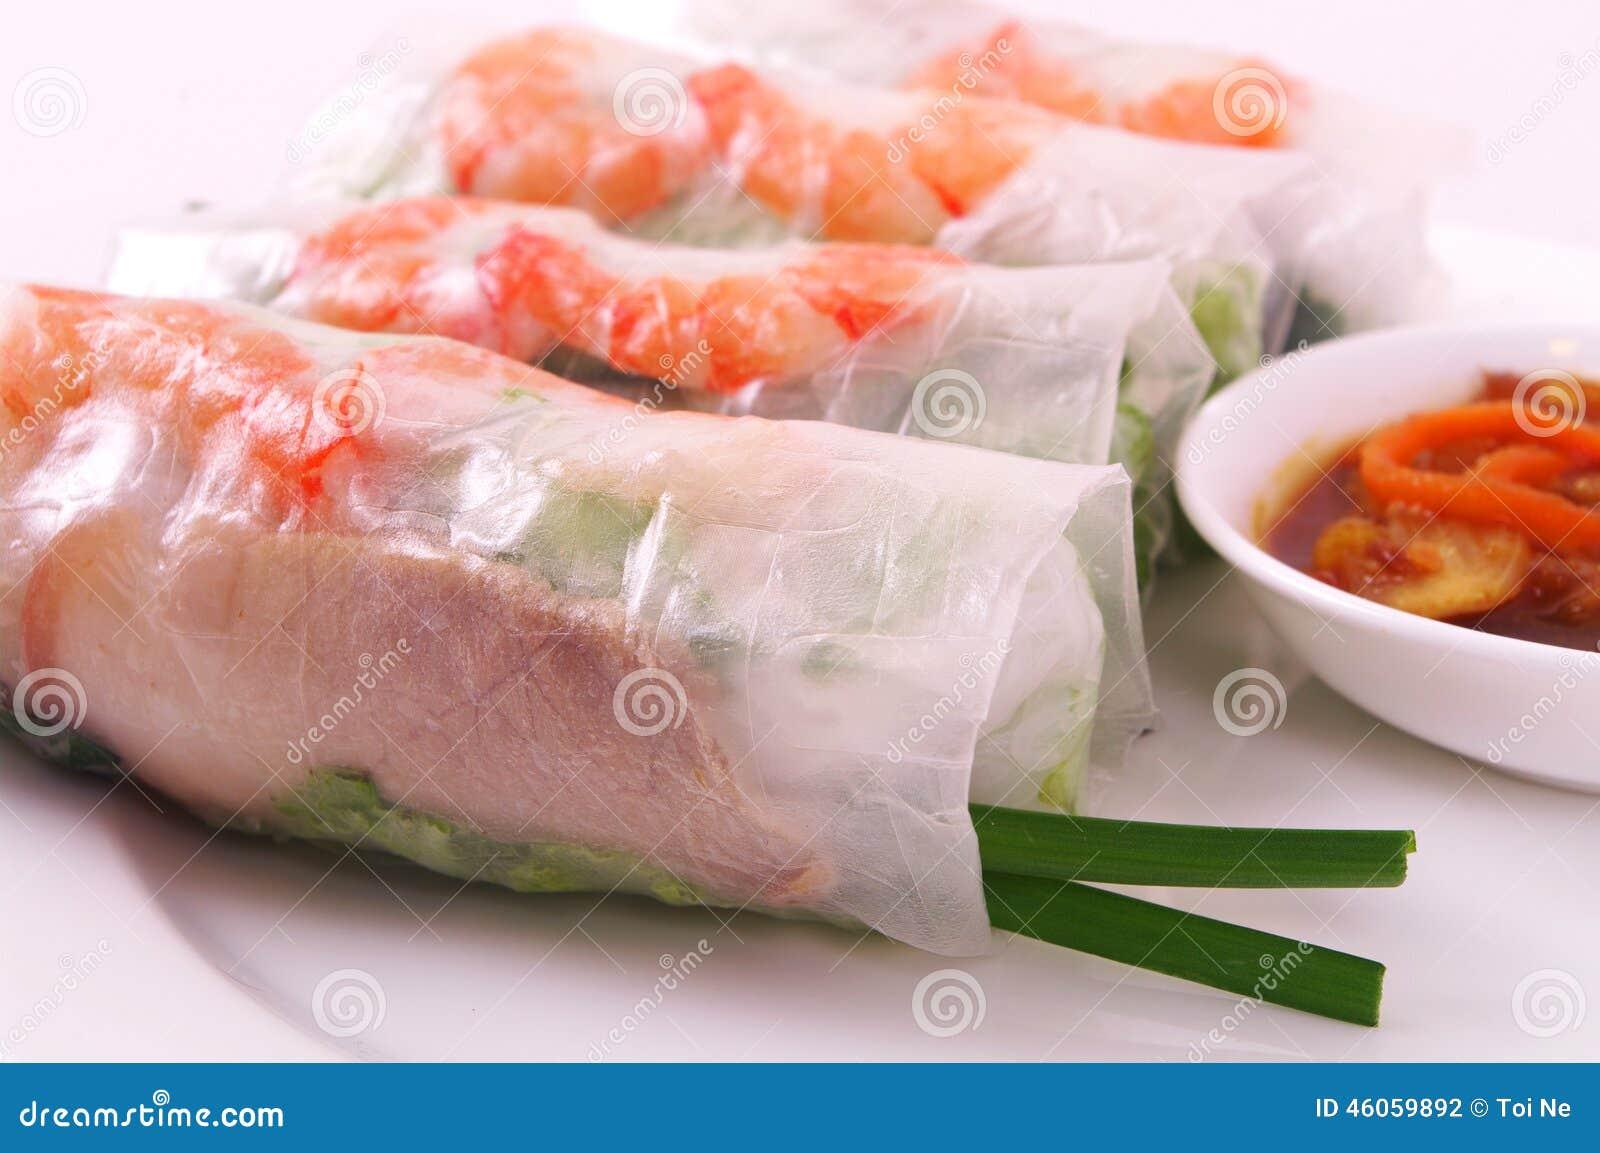 Блинчик с начинкой свинины и креветки (cuon) Goi, въетнамская кухня